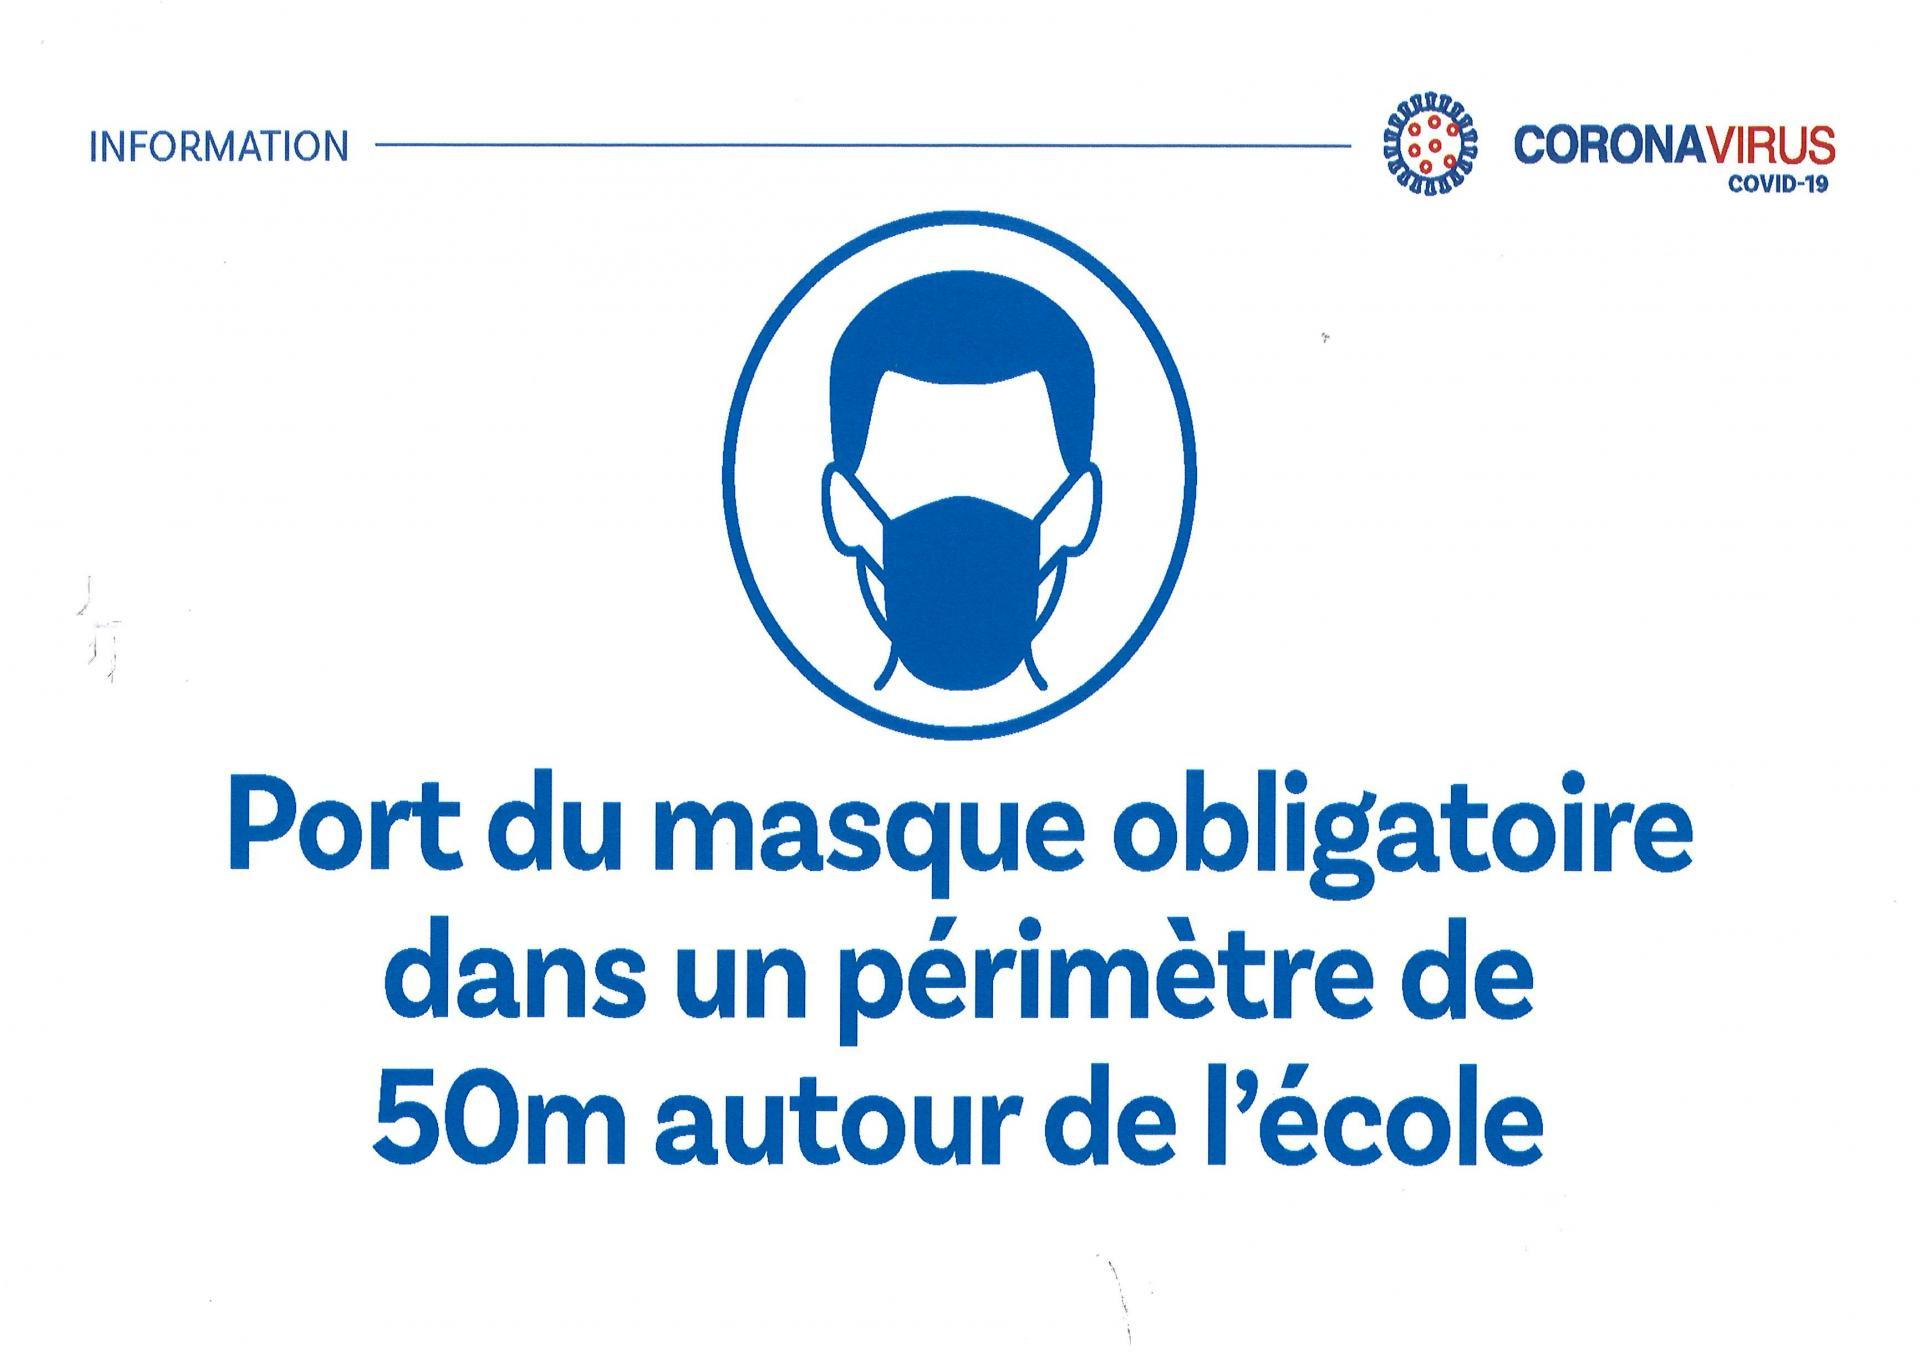 Affiche Port du masque obligatoire 50 mètres